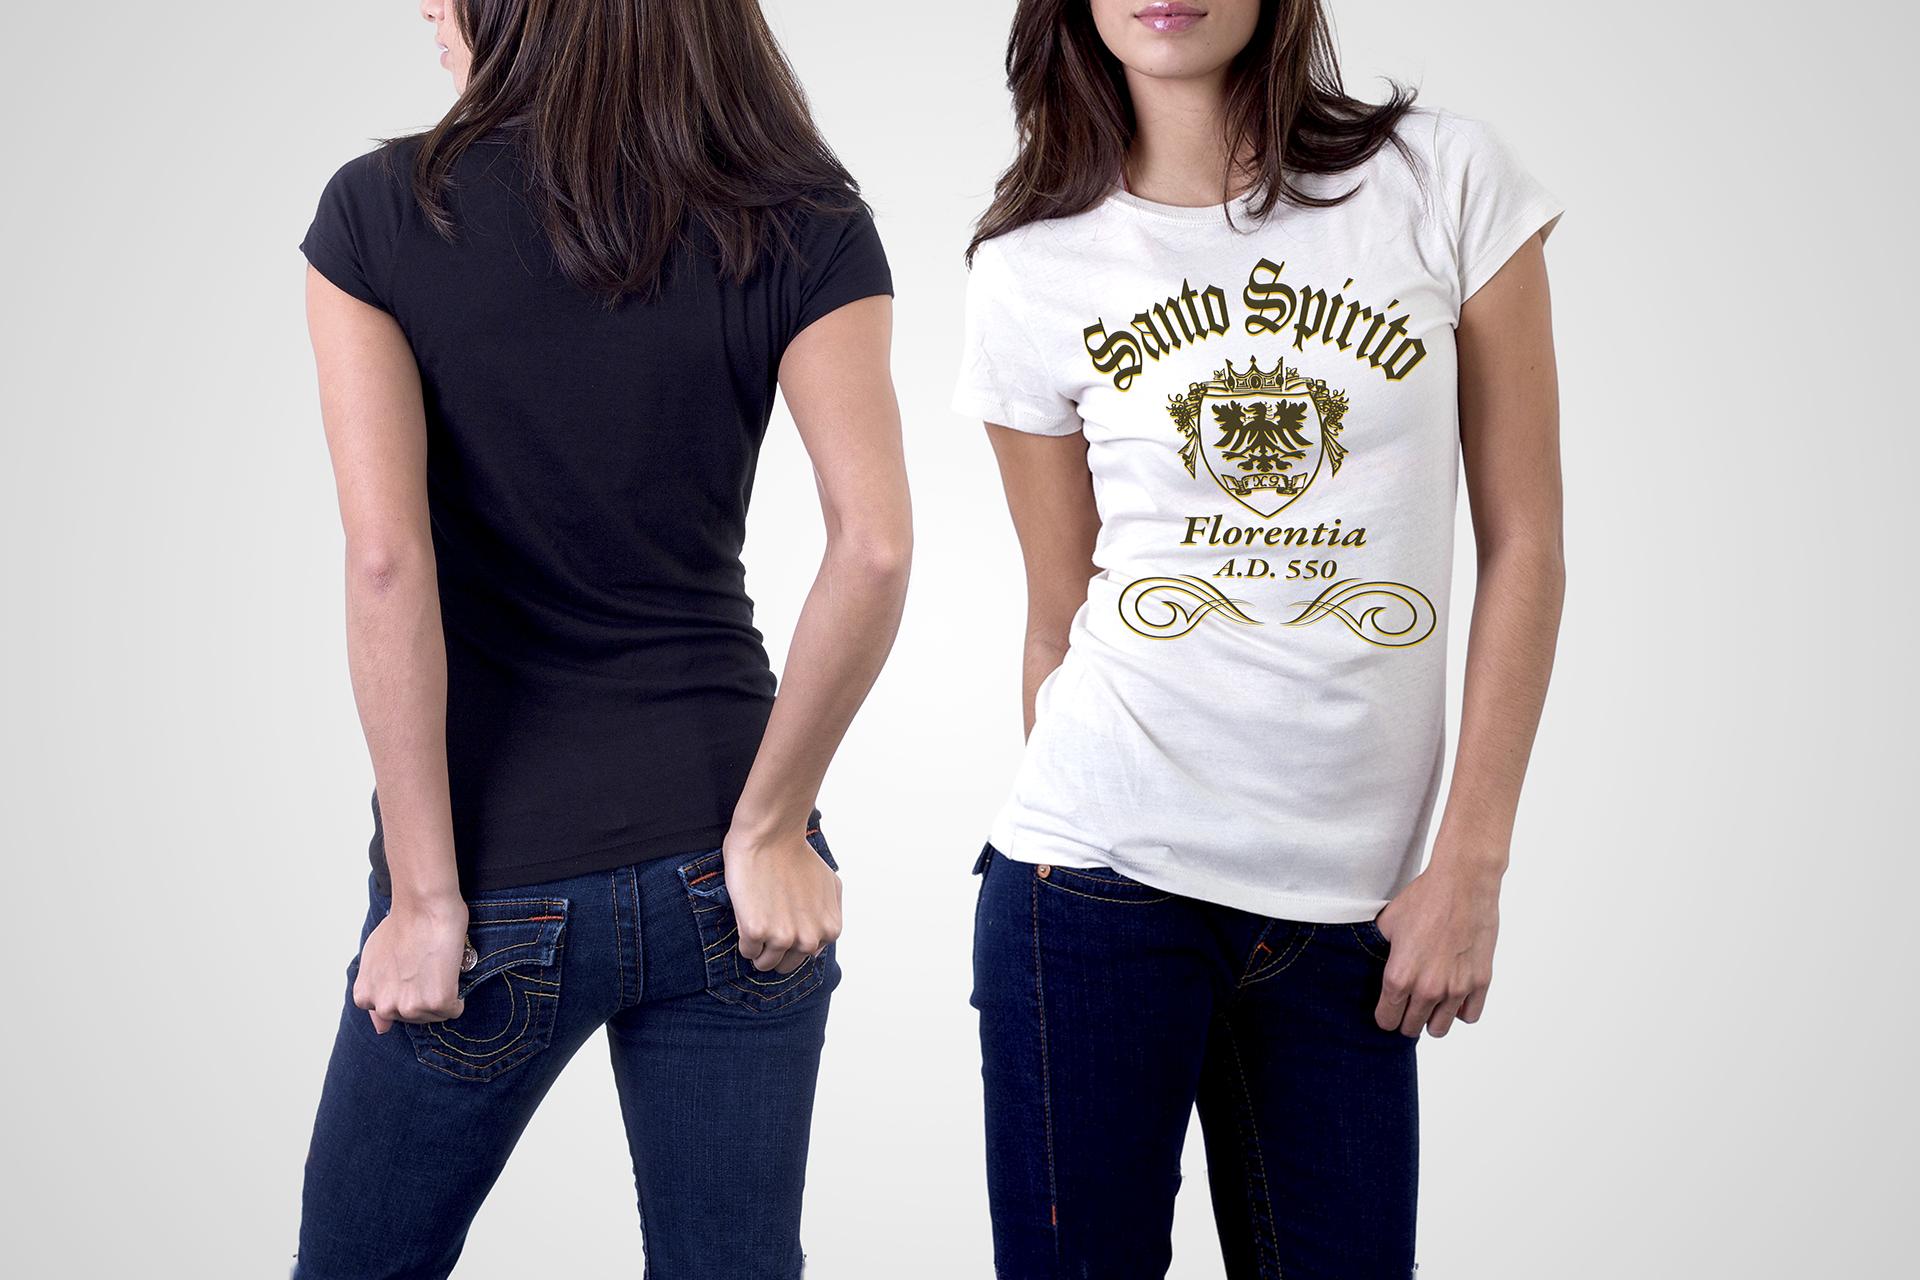 onafez design santo spirito collezione arte t-shirt tee